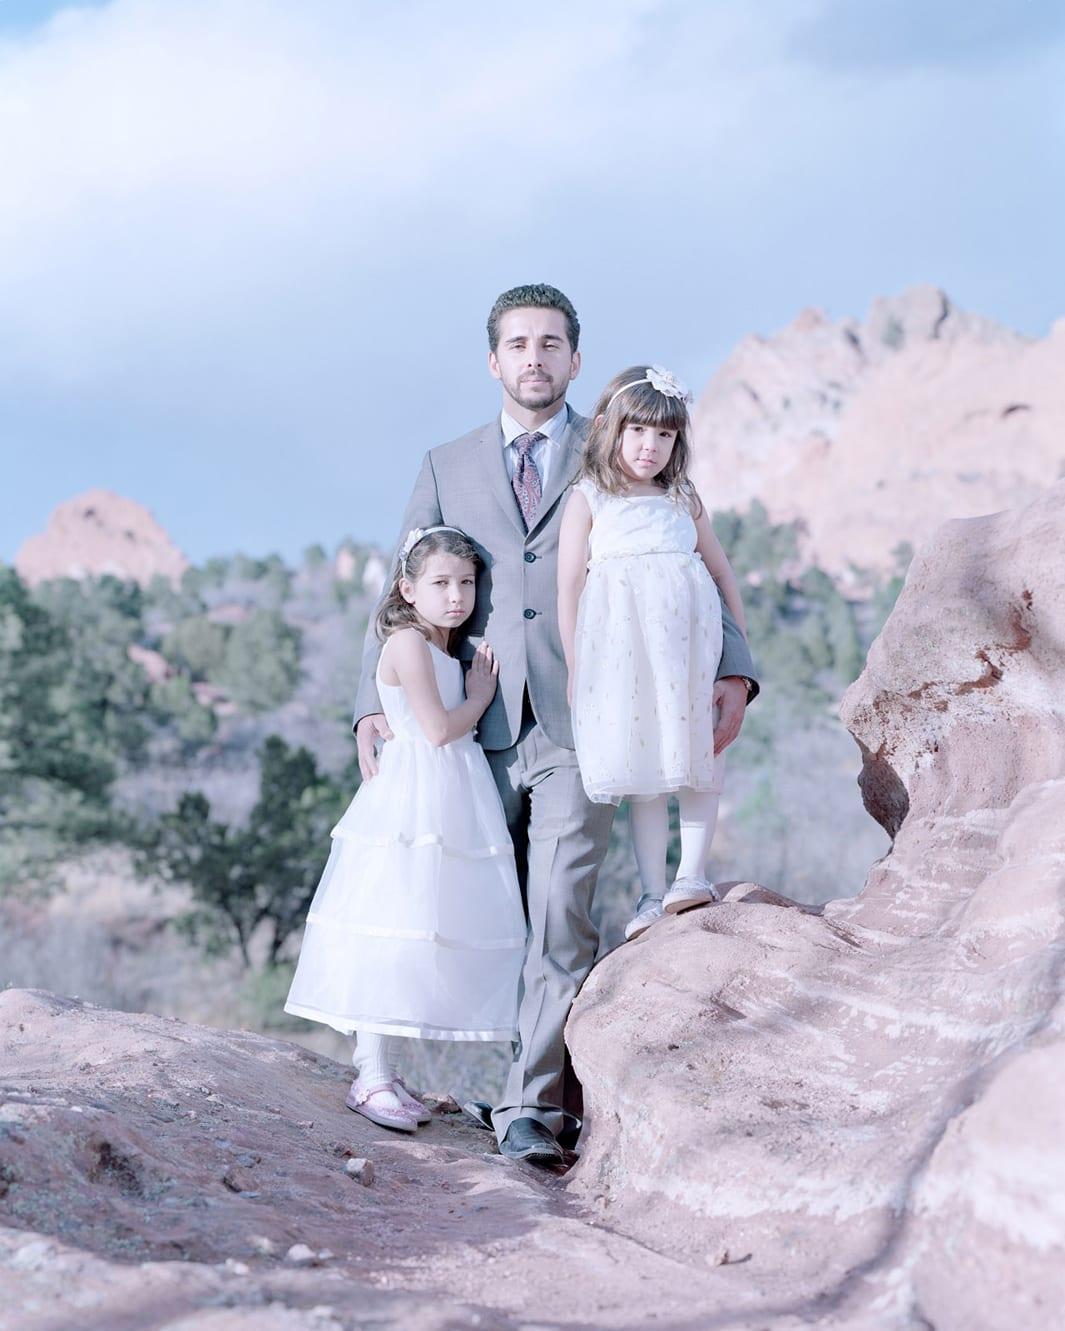 Laila, Antonio and Maya Sa, Colorado Springs, Colorado.